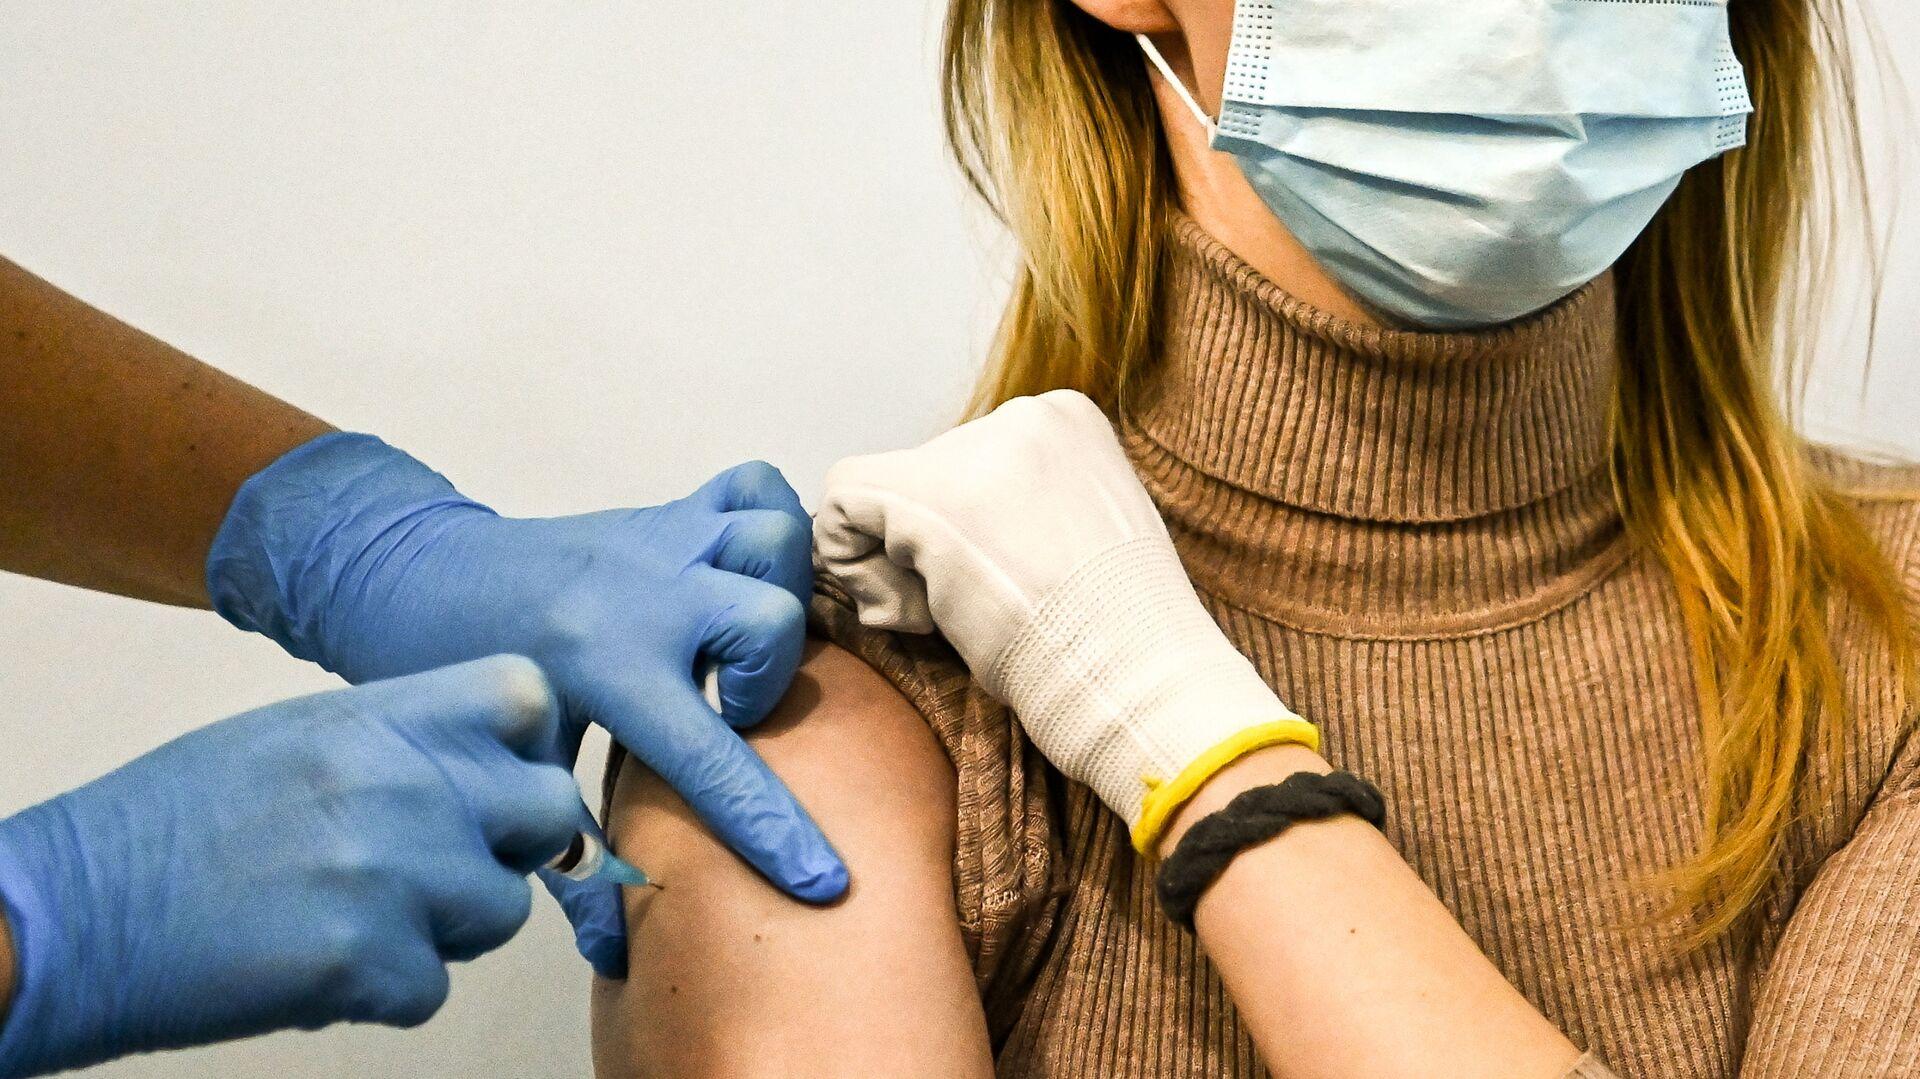 Ragazza si sottopone al vaccino Sputnik V - Sputnik Italia, 1920, 28.03.2021